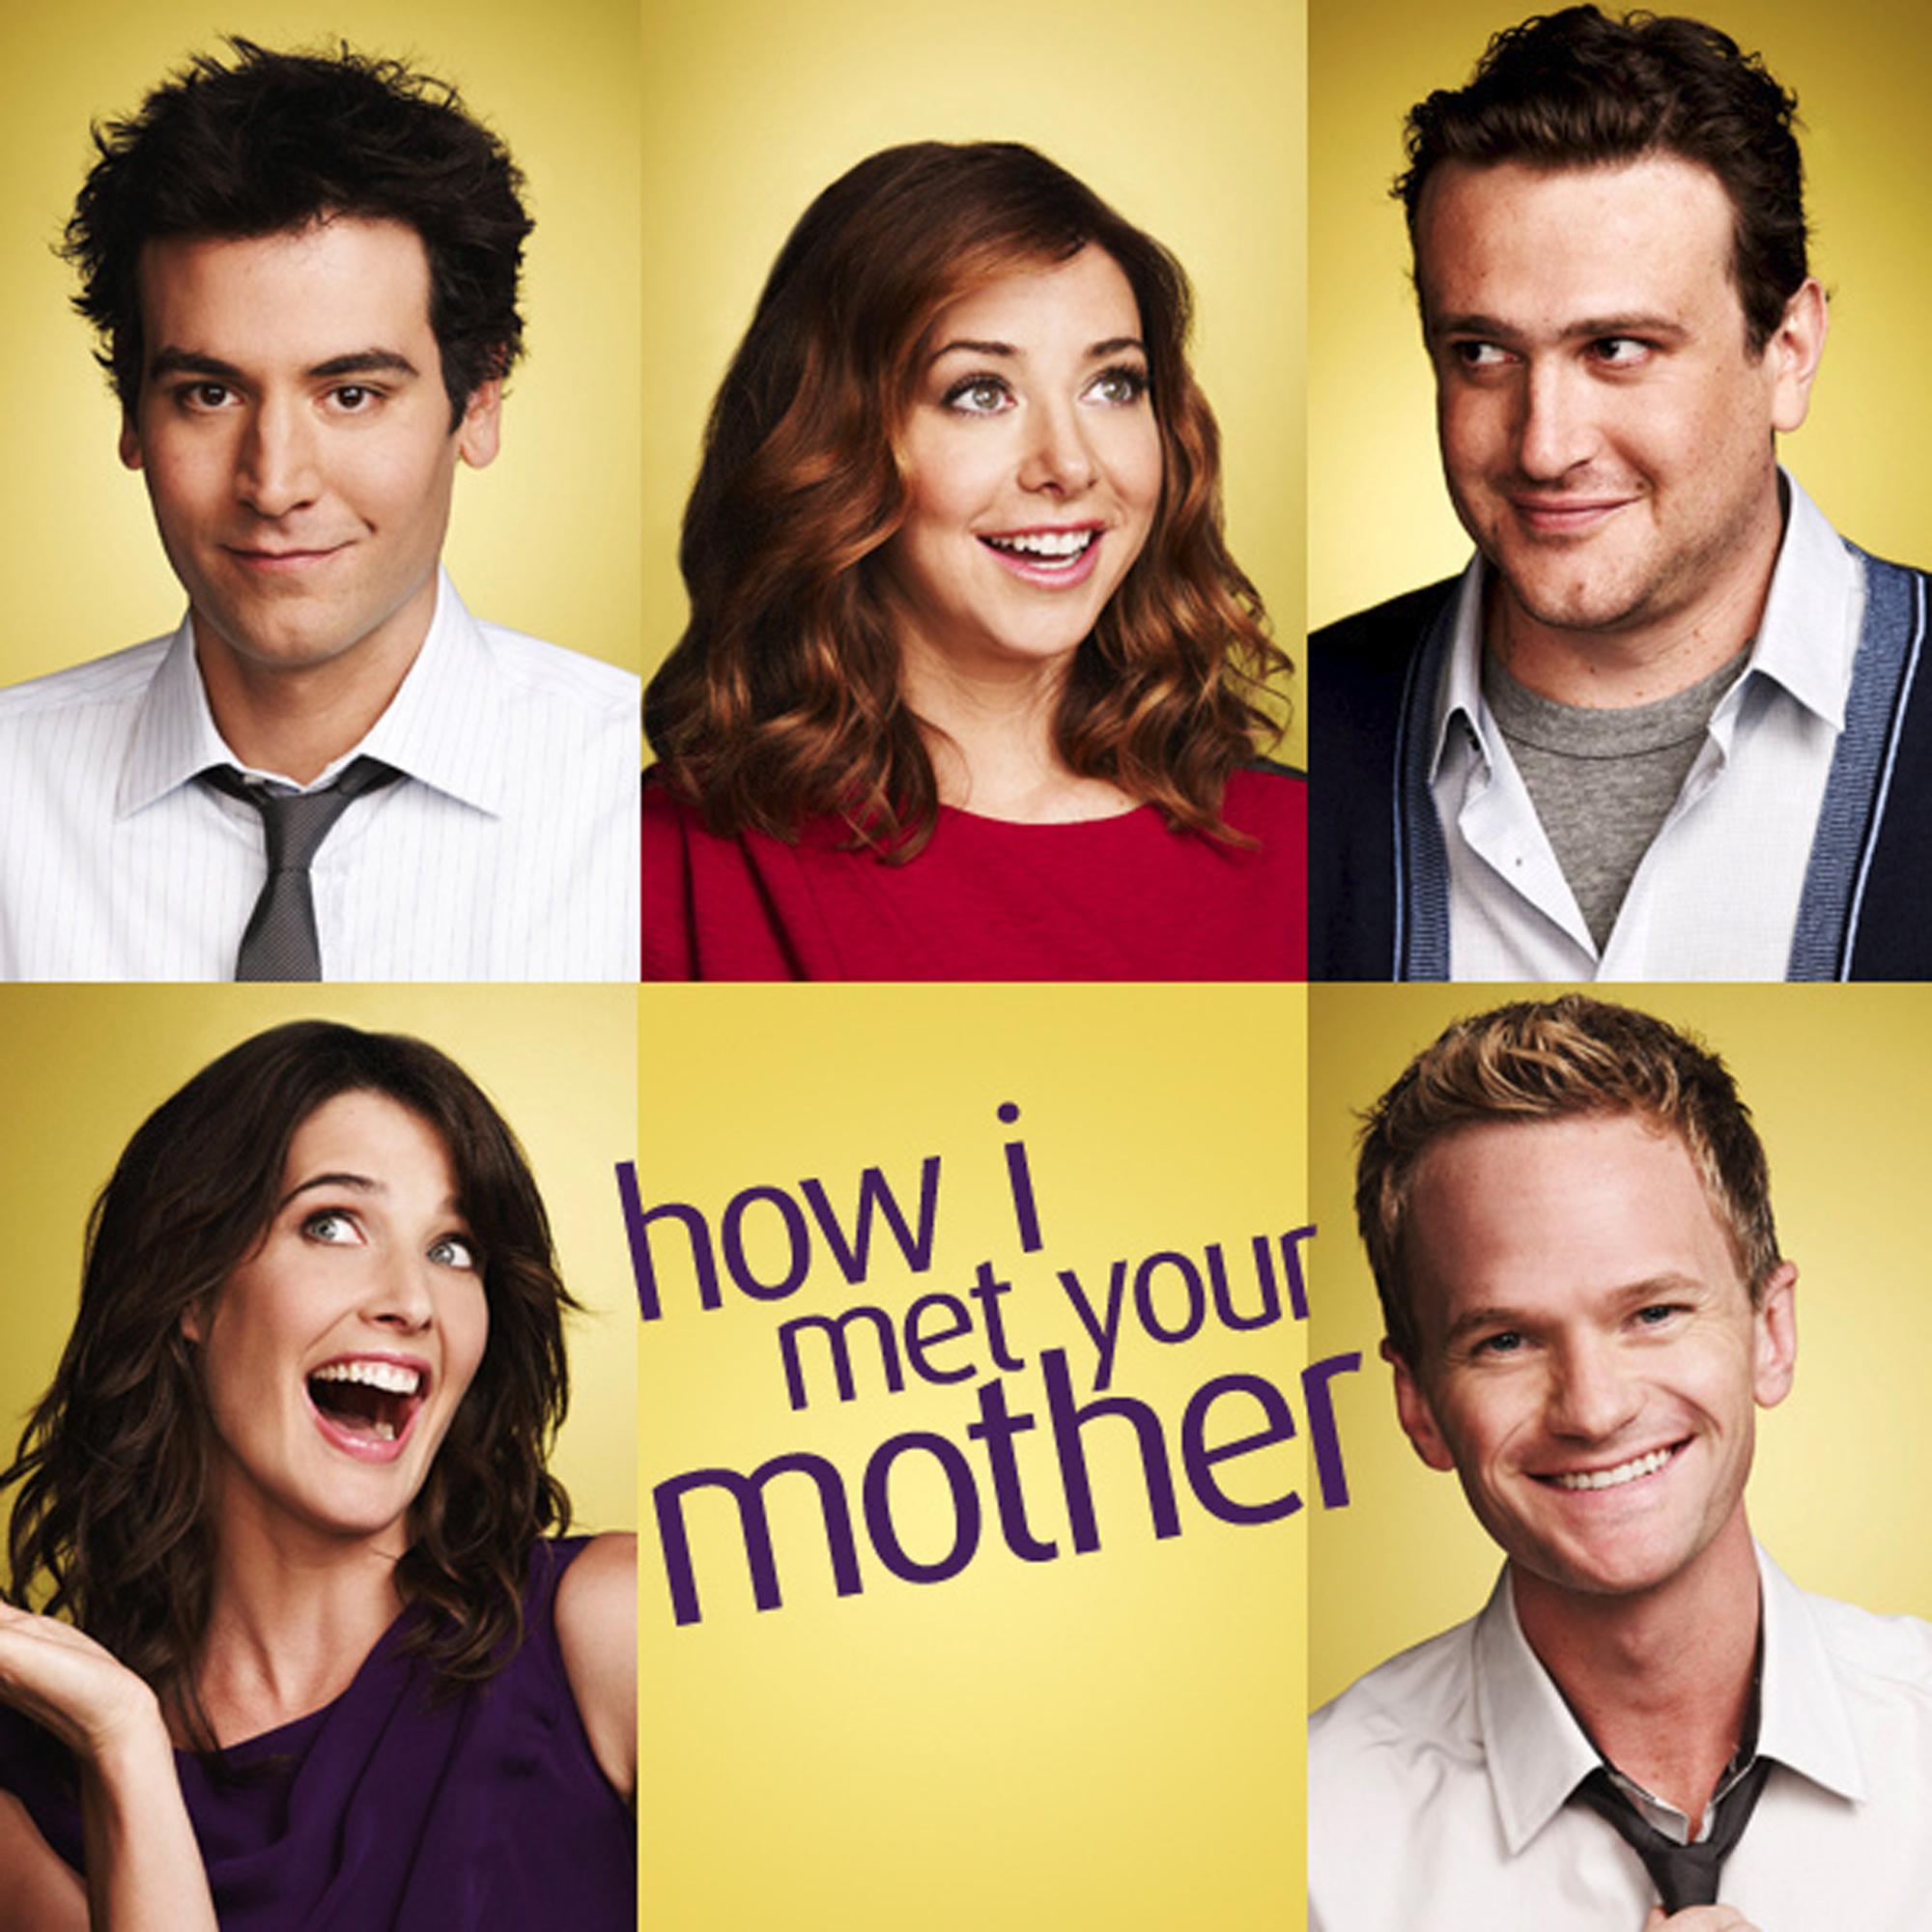 How I Met Your Mother (2005 series)